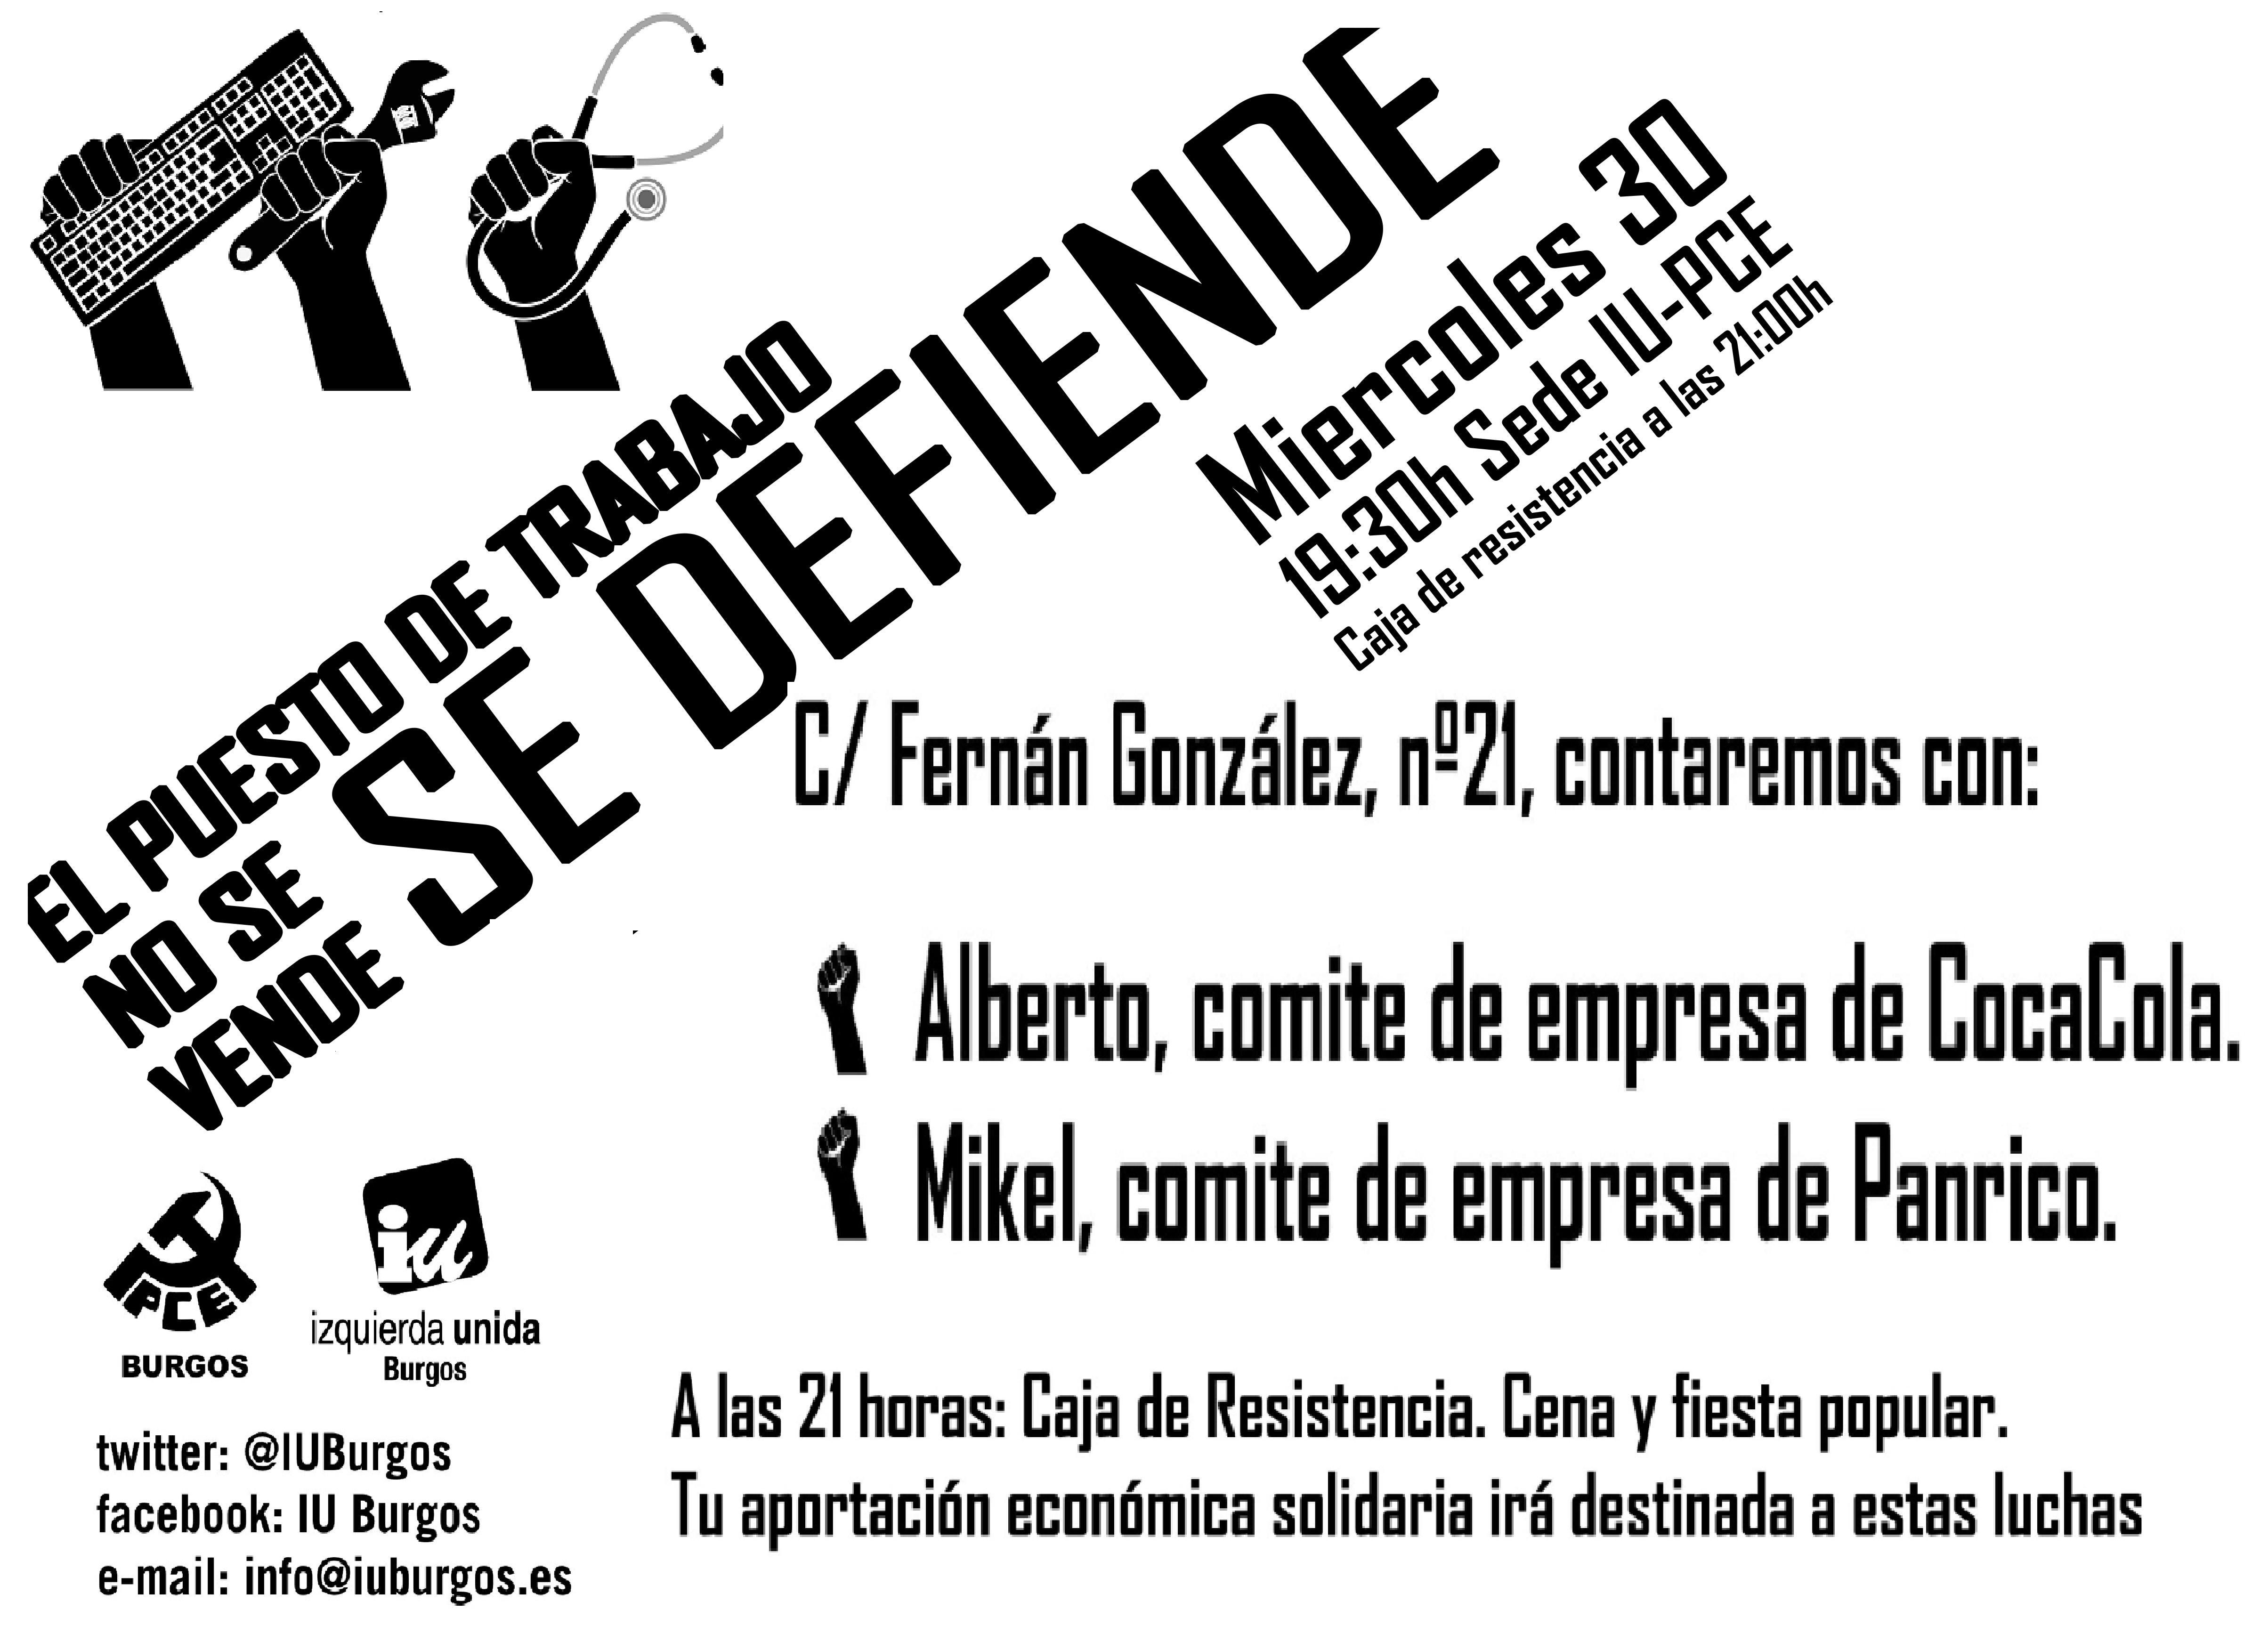 Photo of 30 de abril. «El puesto de trabajo no se vende, se defiende» con representantes de los trabajadores en lucha de CocaCola y Panrico.